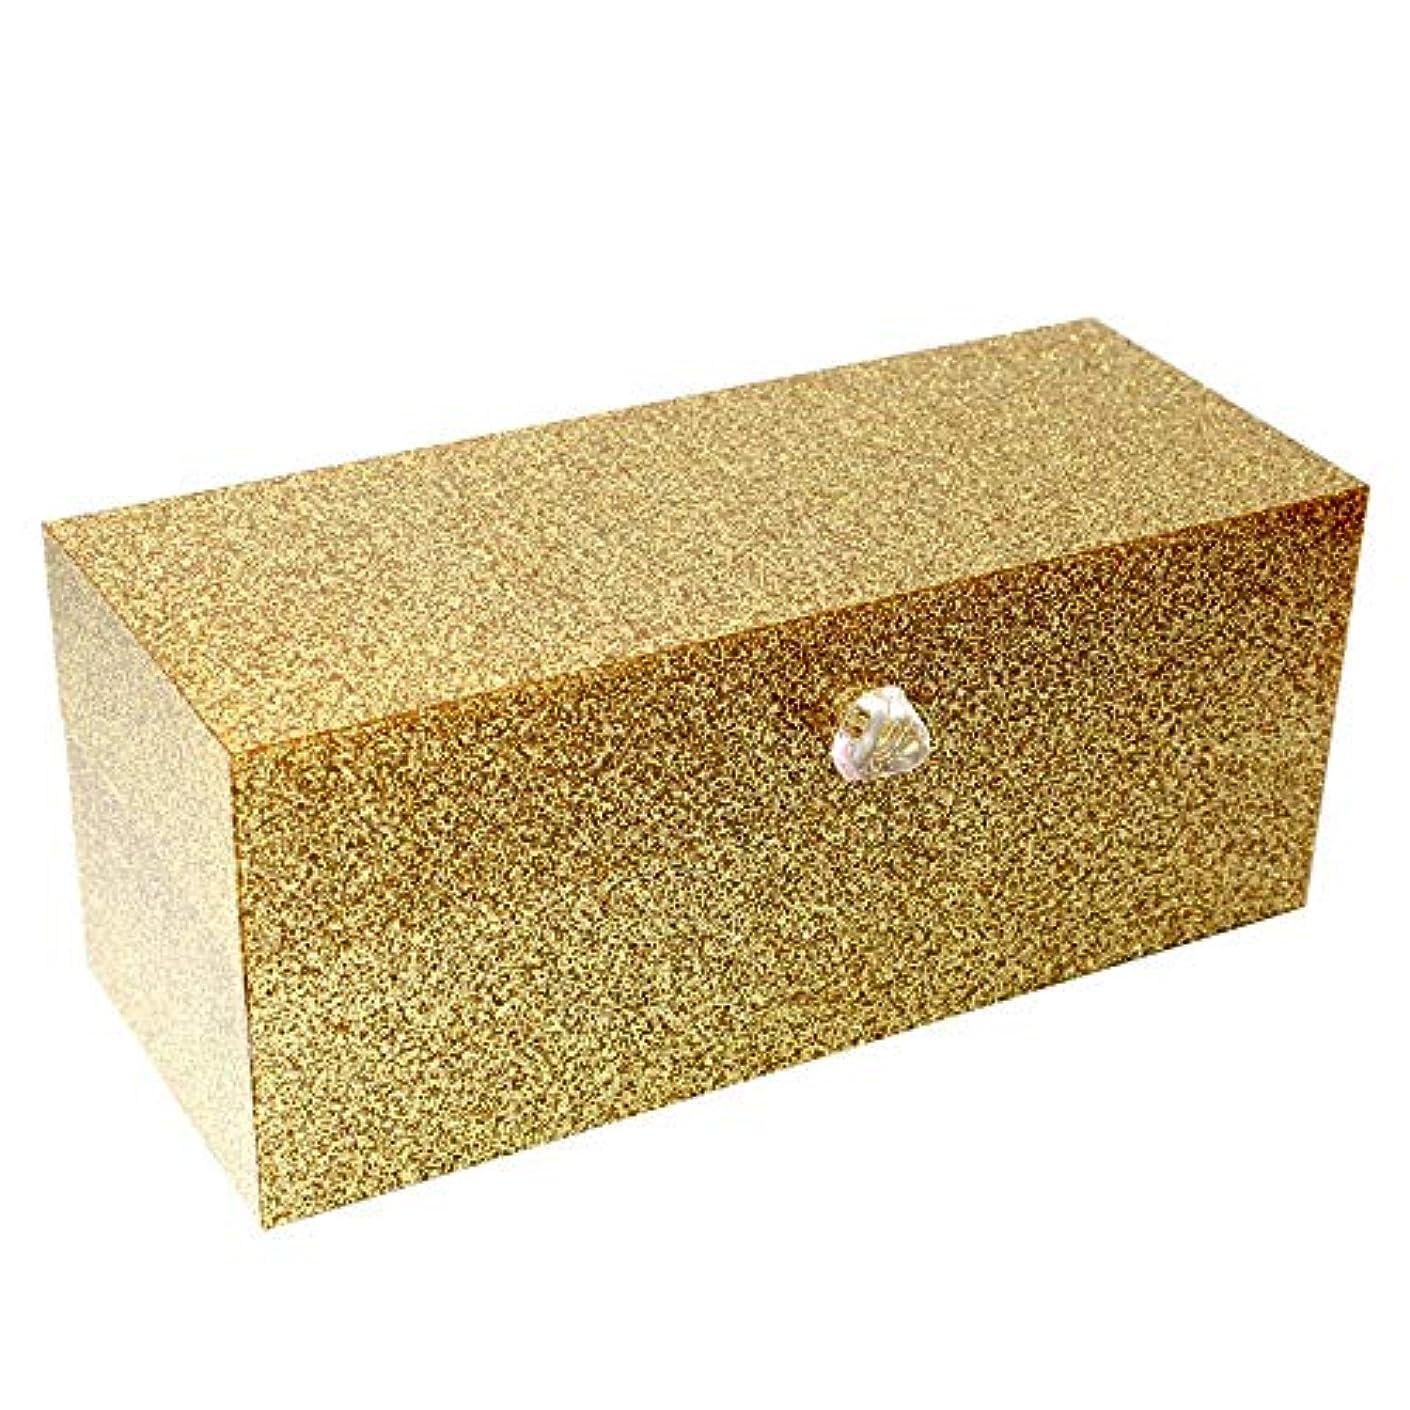 回路ドラム醜い整理簡単 口紅のアクリルの付属品を収納するための24のコンパートメントが付いている簡単な構造の貯蔵ふたが付いているオルガナイザー(金) (Color : Gold, Size : 23*9.5*9.2CM)